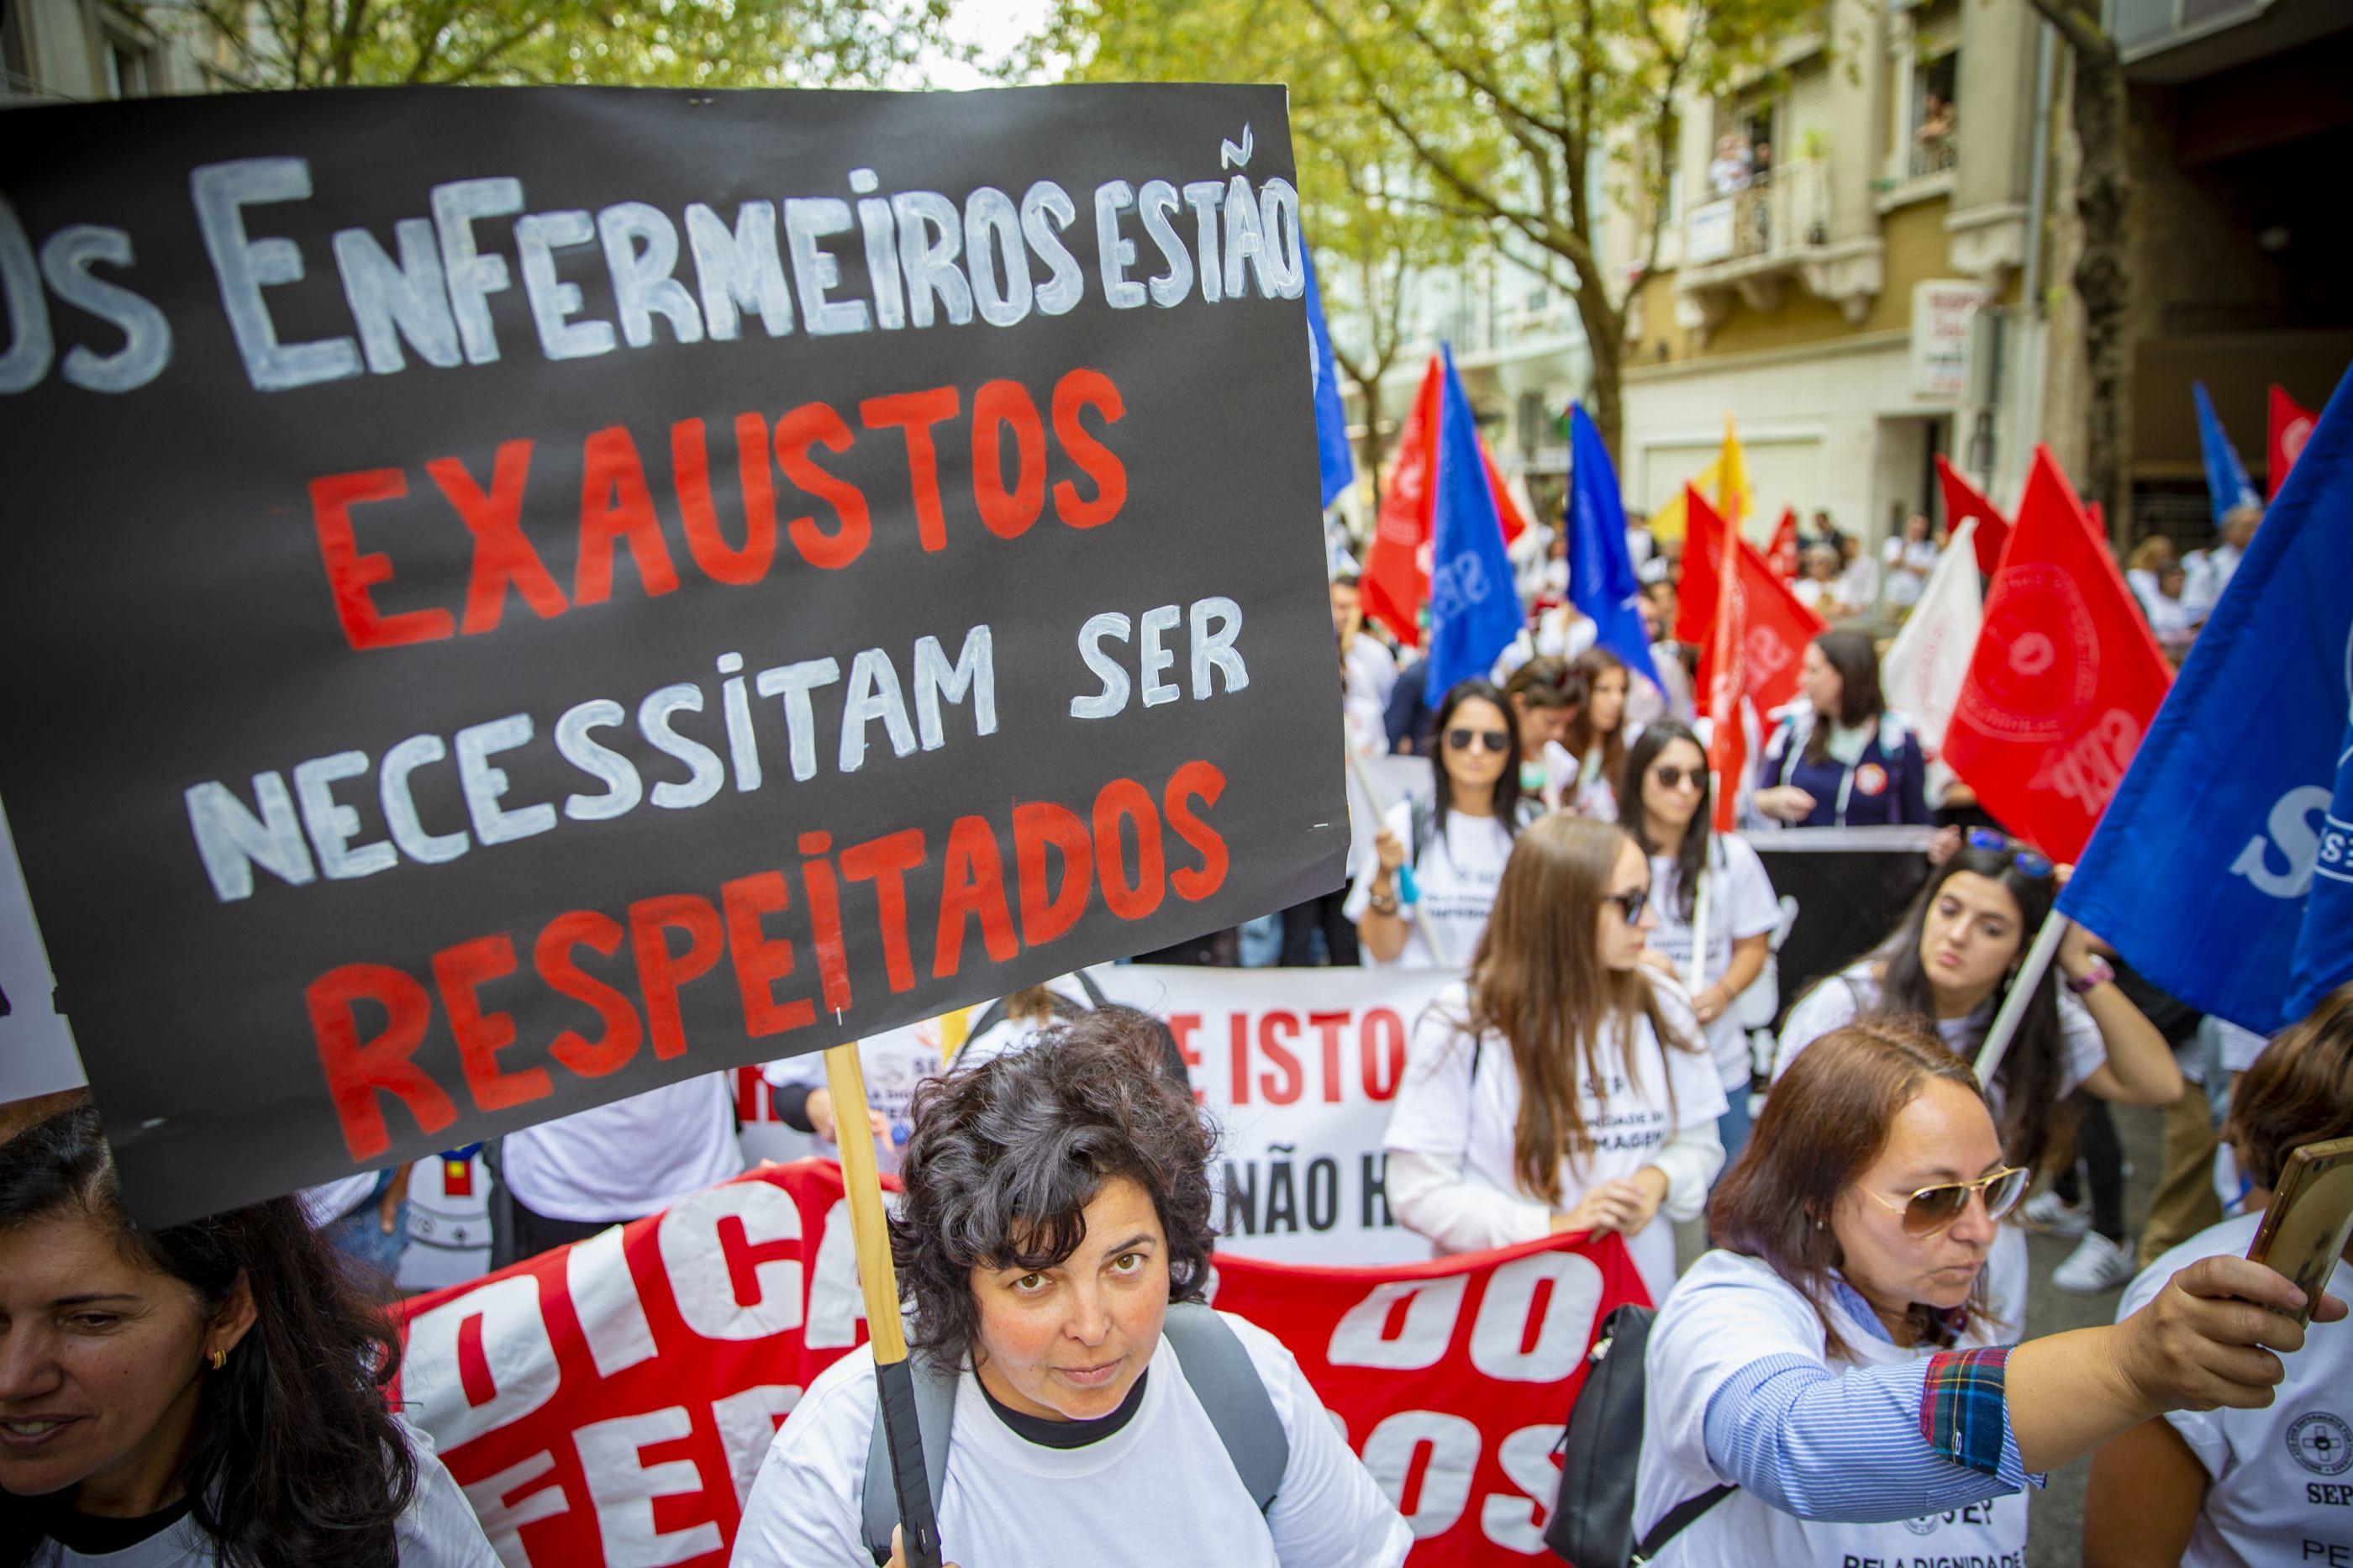 Enfermeiros: Sindicato exige negociação sobre carreira e progressões